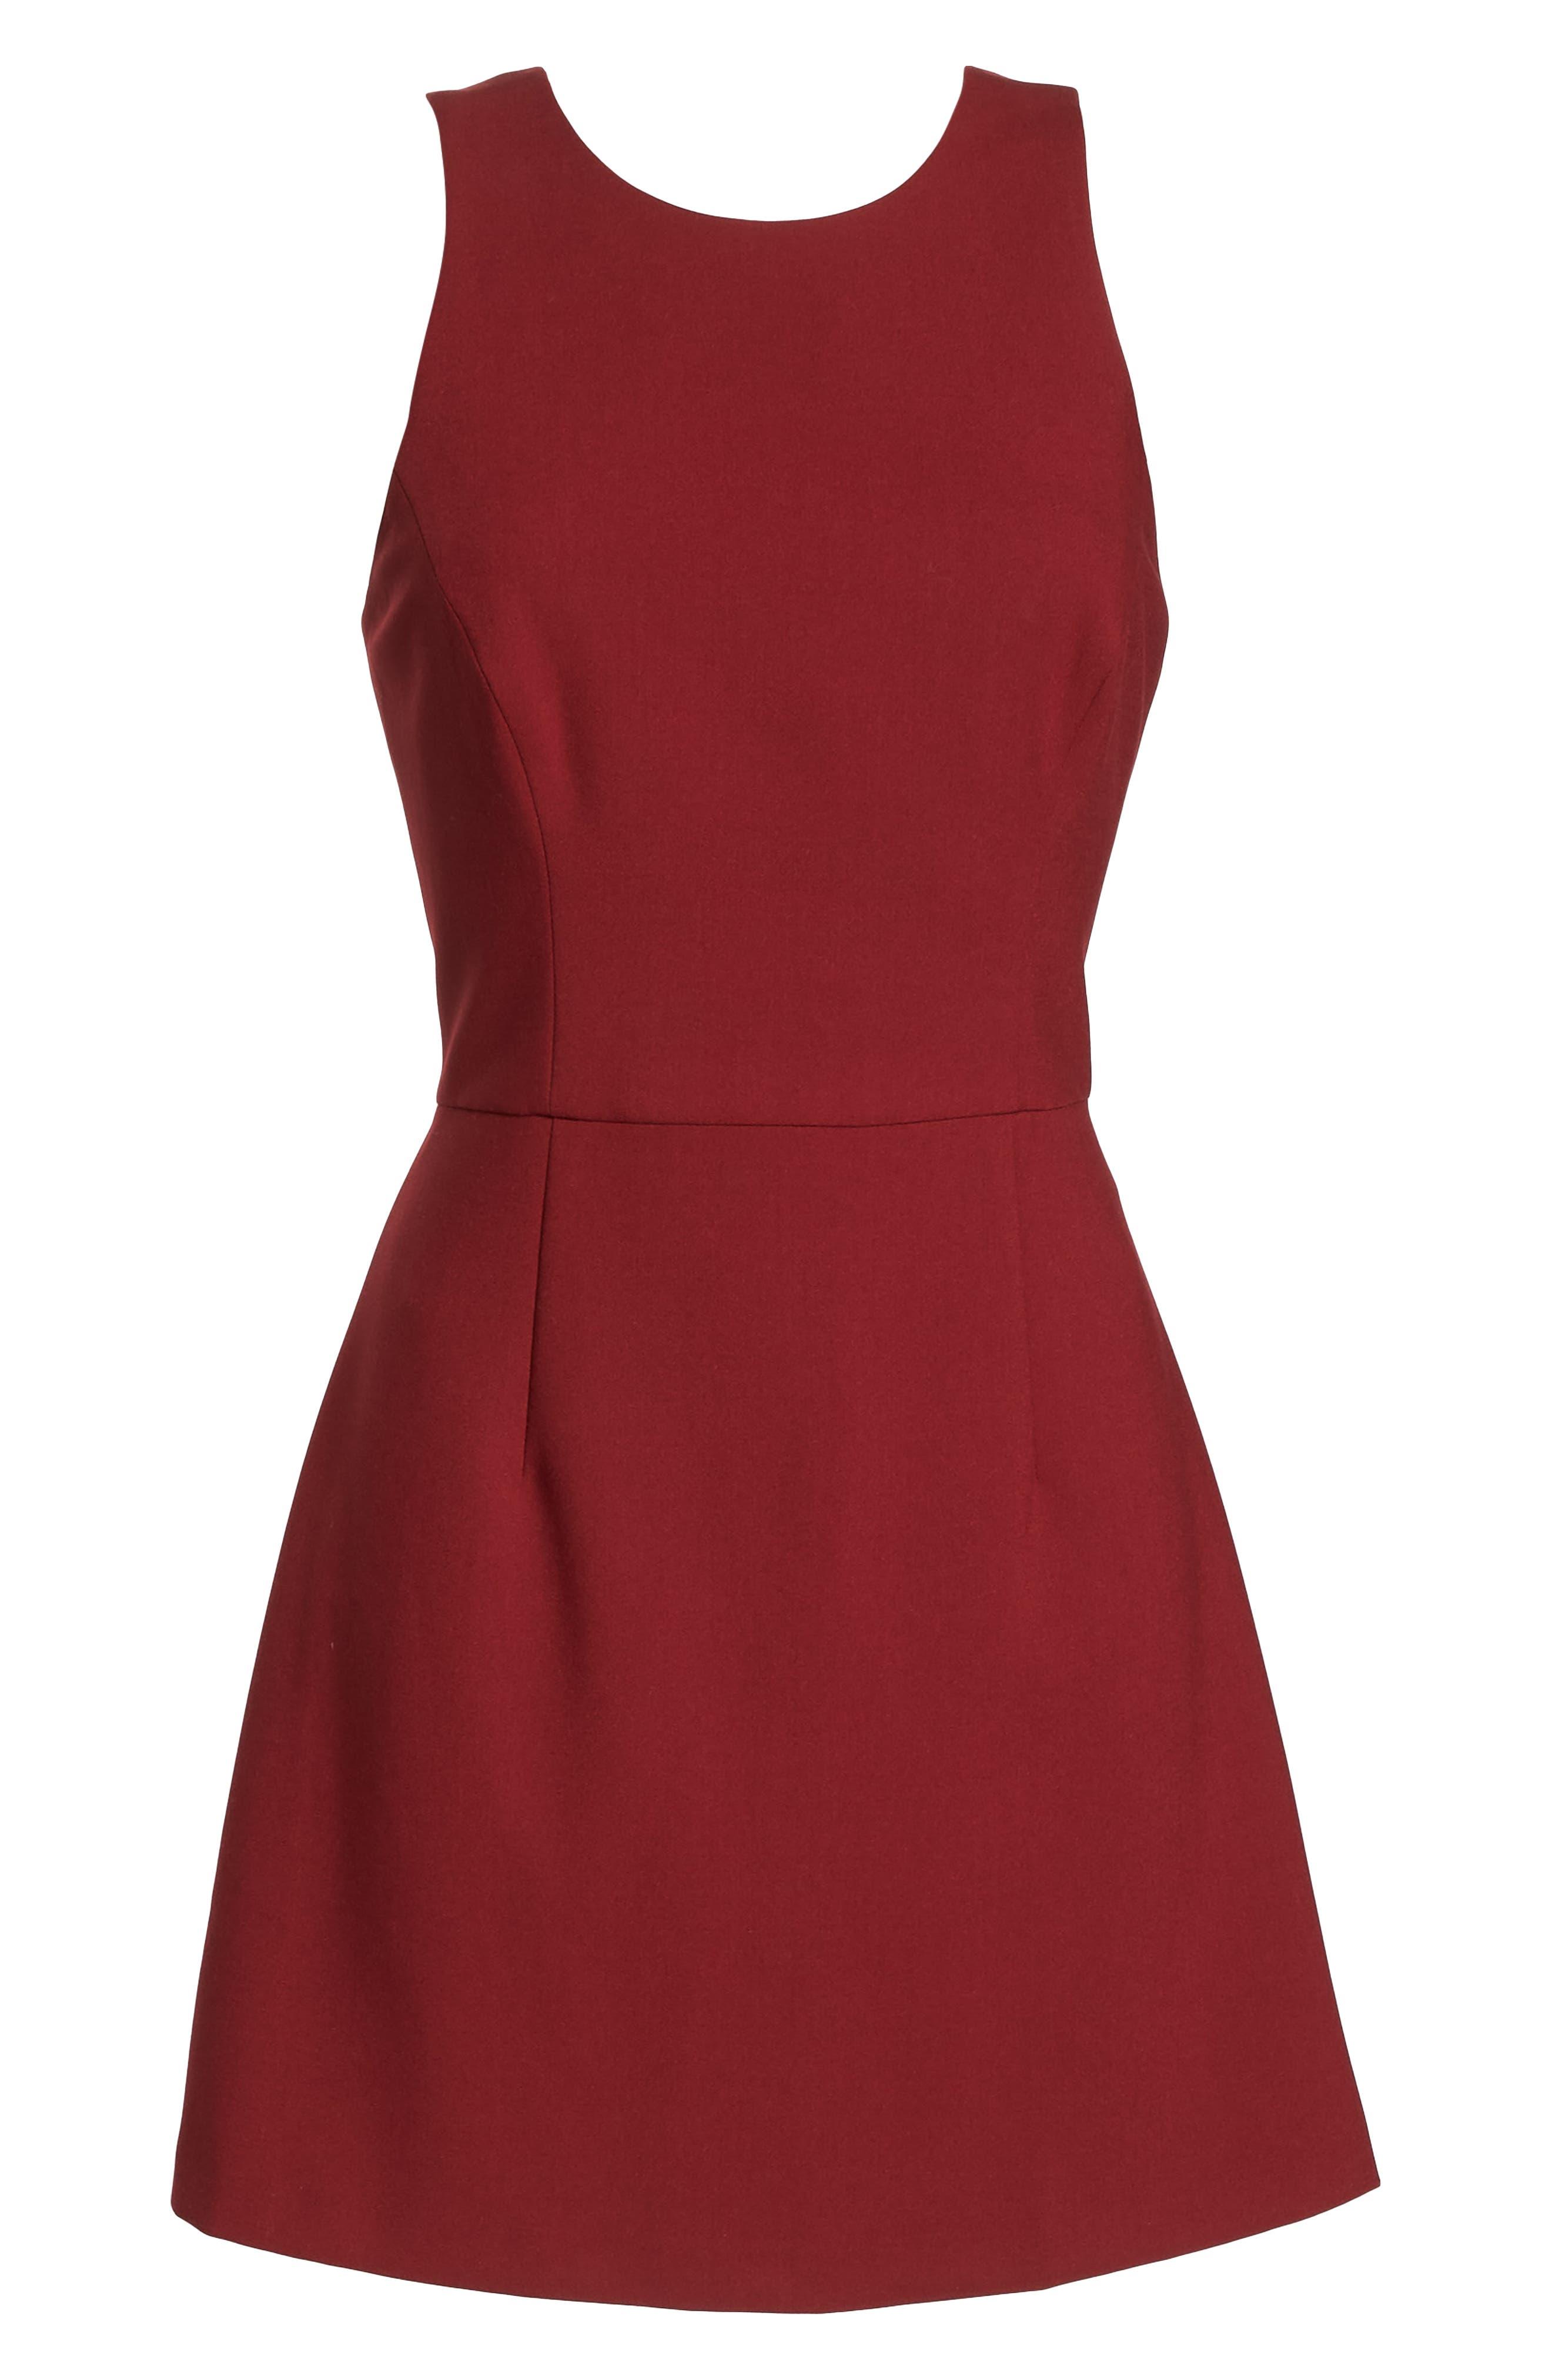 V-Back Tank Dress,                             Alternate thumbnail 7, color,                             DEEP FRAMBOISE